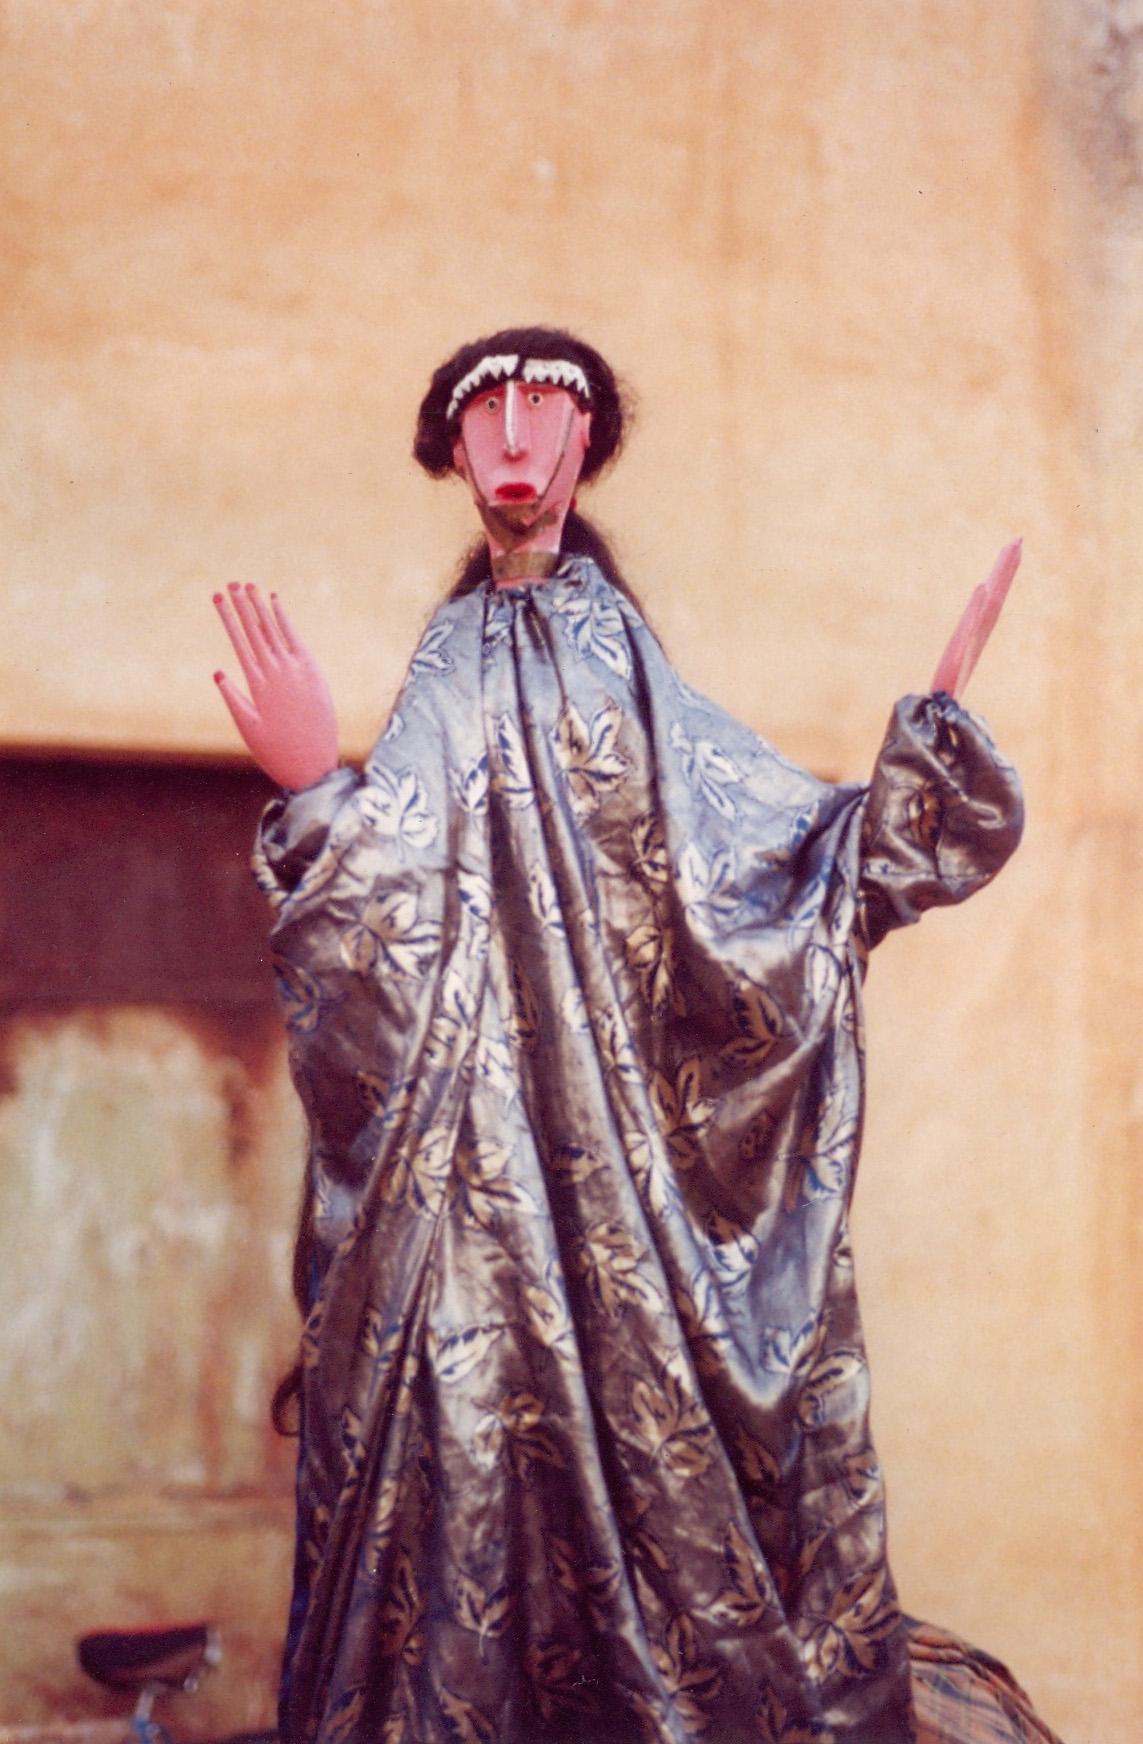 <em>Surakani</em> (Maure, mais évoque toutes les ethnies de race blanches au Mali, comme également les arabes et les touaregs), une marionnette habitable, de la classe de marionnettes appelée <em>mèrin</em> (des marionnettes qui exaltent la beauté humaine), Markala, région de Ségou, Mali. Cette marionnette symbolise le nomadisme. Photo: Mamadou Samaké